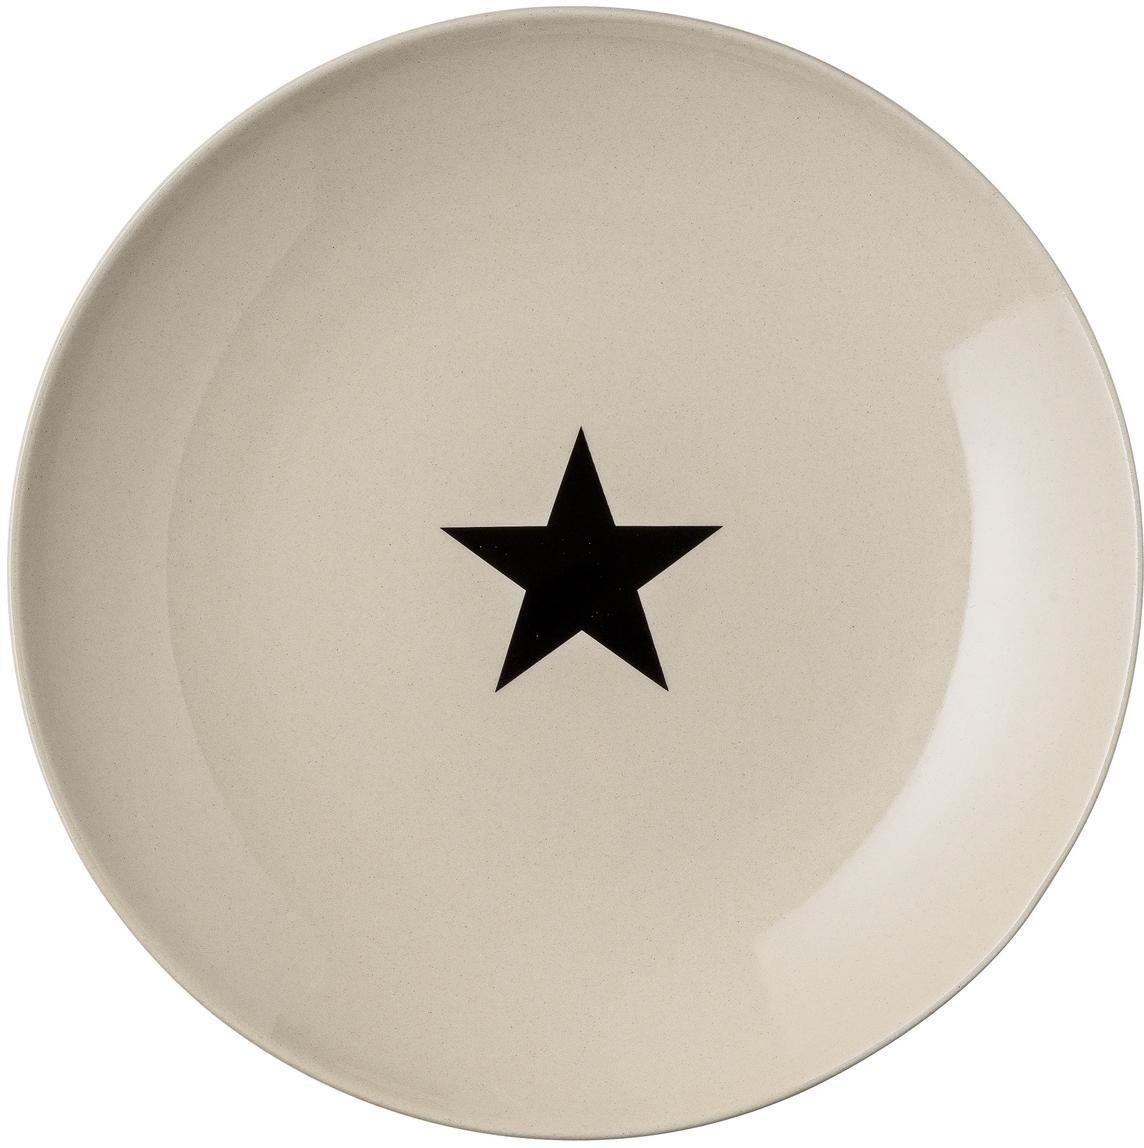 Piatto piano con stella nera Star, Terracotta, Beige, nero, Ø 25 cm